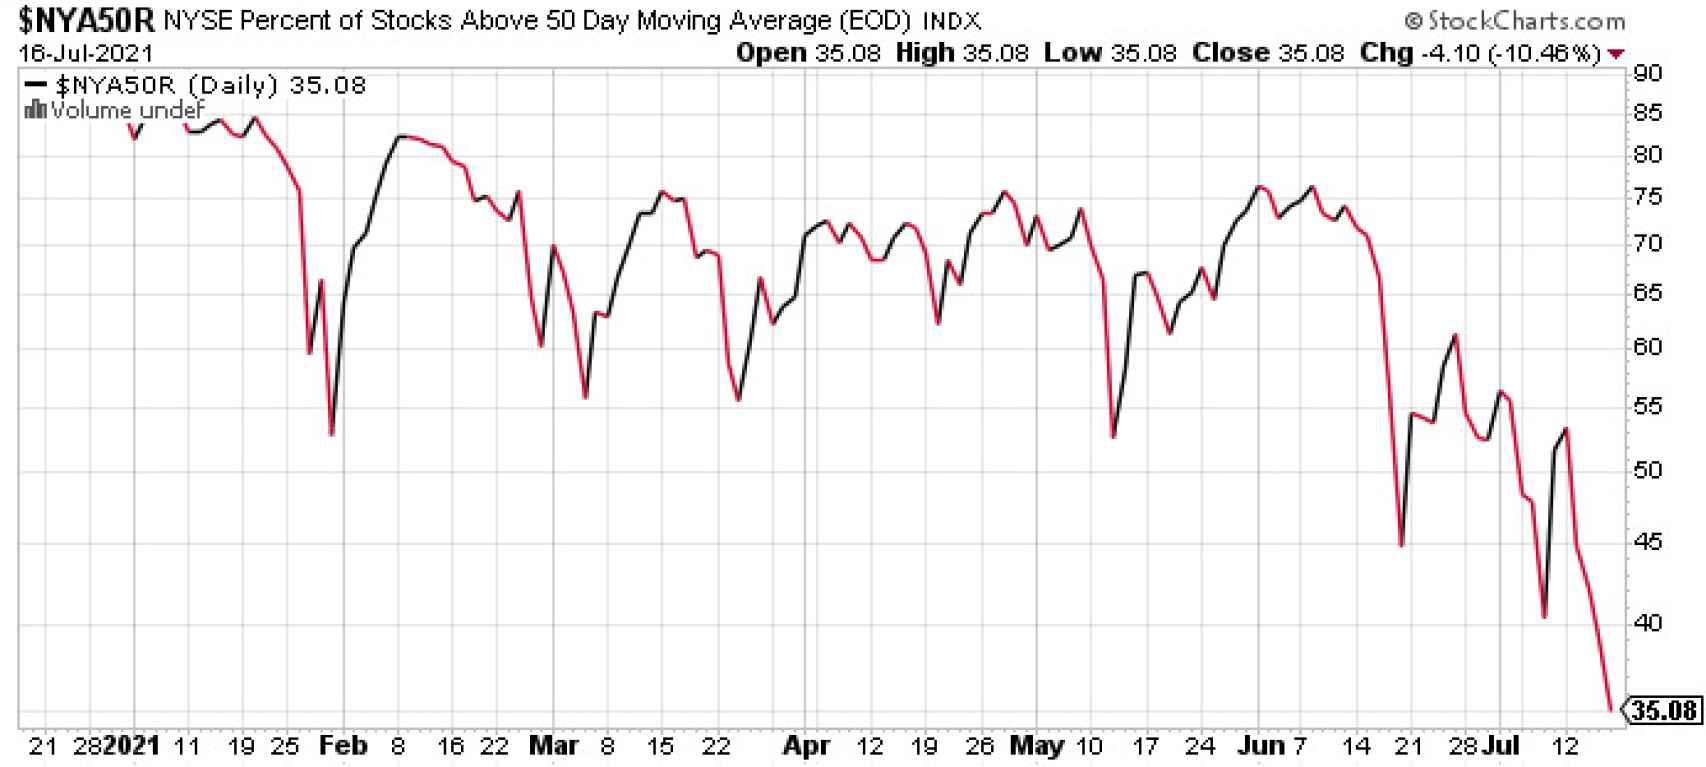 Porcentaje de valores del NYSE por encima de su media de 50 sesiones.